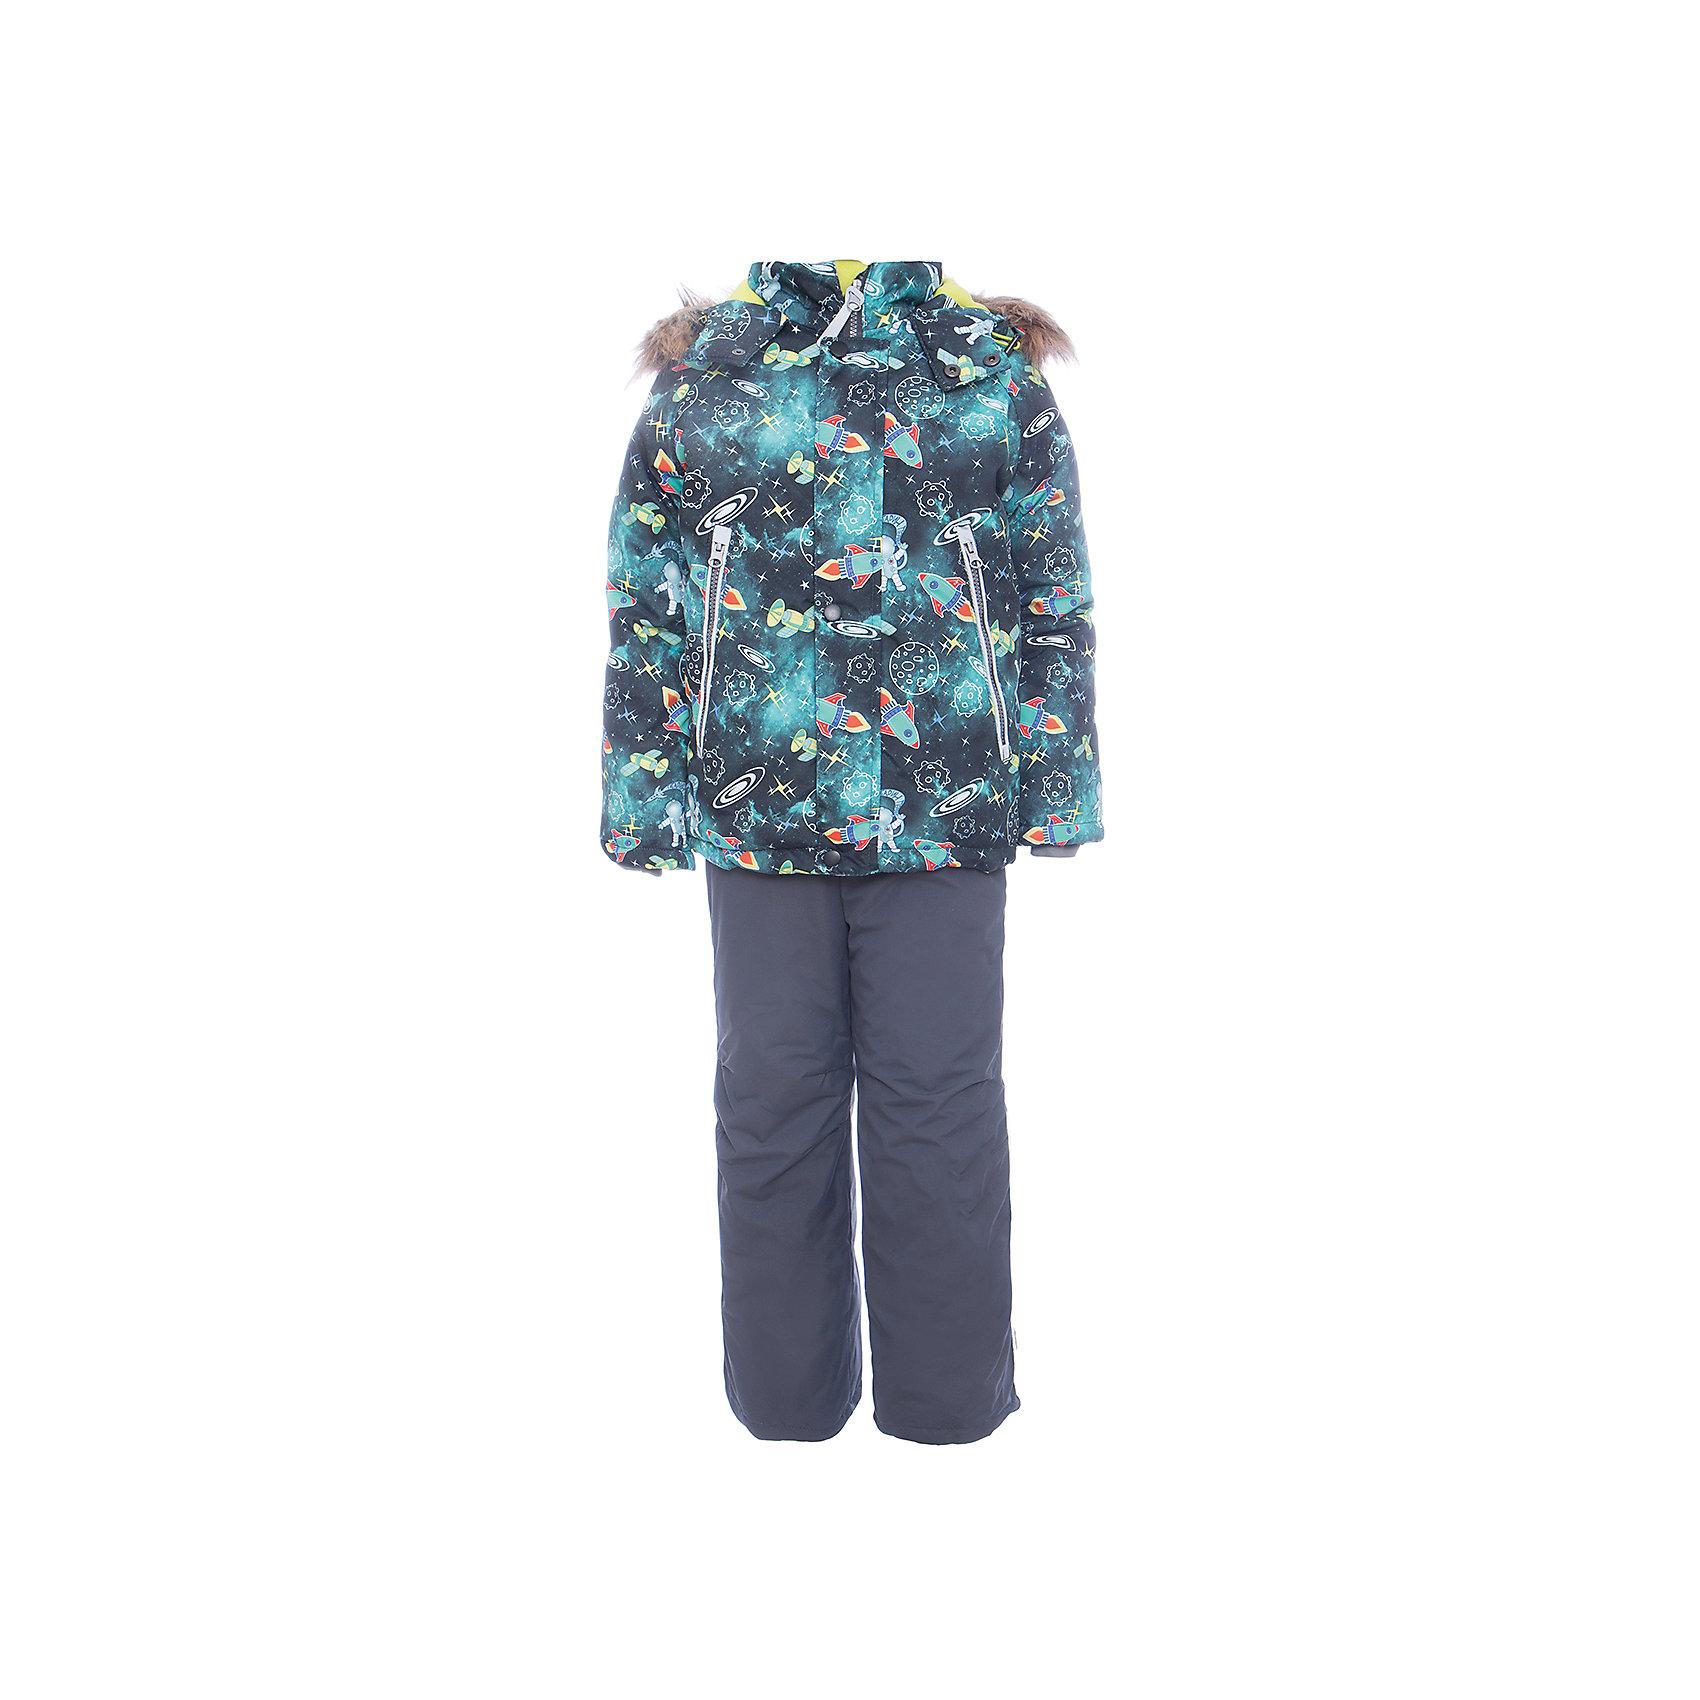 Комплект: куртка и полукомбенизон Космос Batik для мальчикаВерхняя одежда<br>Характеристики товара:<br><br>• цвет: бирюзовый<br>• комплектация: куртка и полукомбинезон <br>• состав ткани: таслан<br>• подкладка: поларфлис<br>• утеплитель: слайтекс<br>• сезон: зима<br>• мембранное покрытие<br>• температурный режим: от -35 до 0<br>• водонепроницаемость: 5000 мм <br>• паропроницаемость: 5000 г/м2<br>• плотность утеплителя: куртка - 350 г/м2, полукомбинезон - 200 г/м2<br>• застежка: молния<br>• капюшон: с мехом, отстегивается<br>• встроенный термодатчик<br>• страна бренда: Россия<br>• страна изготовитель: Россия<br><br>Стильный мембранный комплект для мальчика отличается удобными карманами и капюшоном. Зимний мембранный комплект для мальчика легко чистится и долго служит. Детский комплект для зимы сделан легкого, но теплого материала. Зимний комплект для ребенка дополнен множеством полезных деталей. <br><br>Комплект: куртка и полукомбинезон Космос Batik (Батик) для мальчика можно купить в нашем интернет-магазине.<br><br>Ширина мм: 356<br>Глубина мм: 10<br>Высота мм: 245<br>Вес г: 519<br>Цвет: темно-серый<br>Возраст от месяцев: 60<br>Возраст до месяцев: 72<br>Пол: Мужской<br>Возраст: Детский<br>Размер: 116,92,86,98,104,110<br>SKU: 7028277